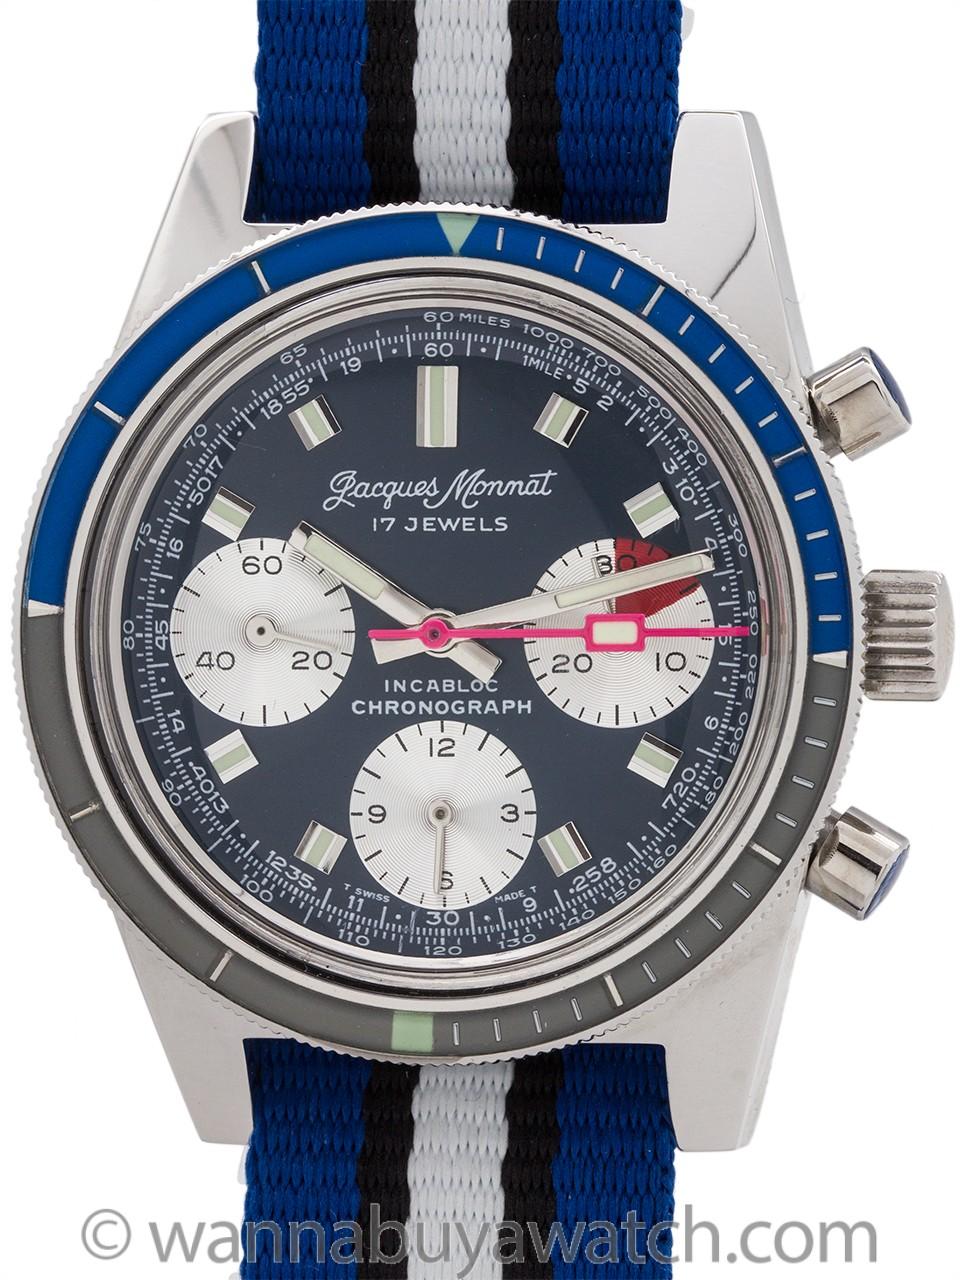 Jacques Monnat Chronograph Valjoux 7733 circa 1960s